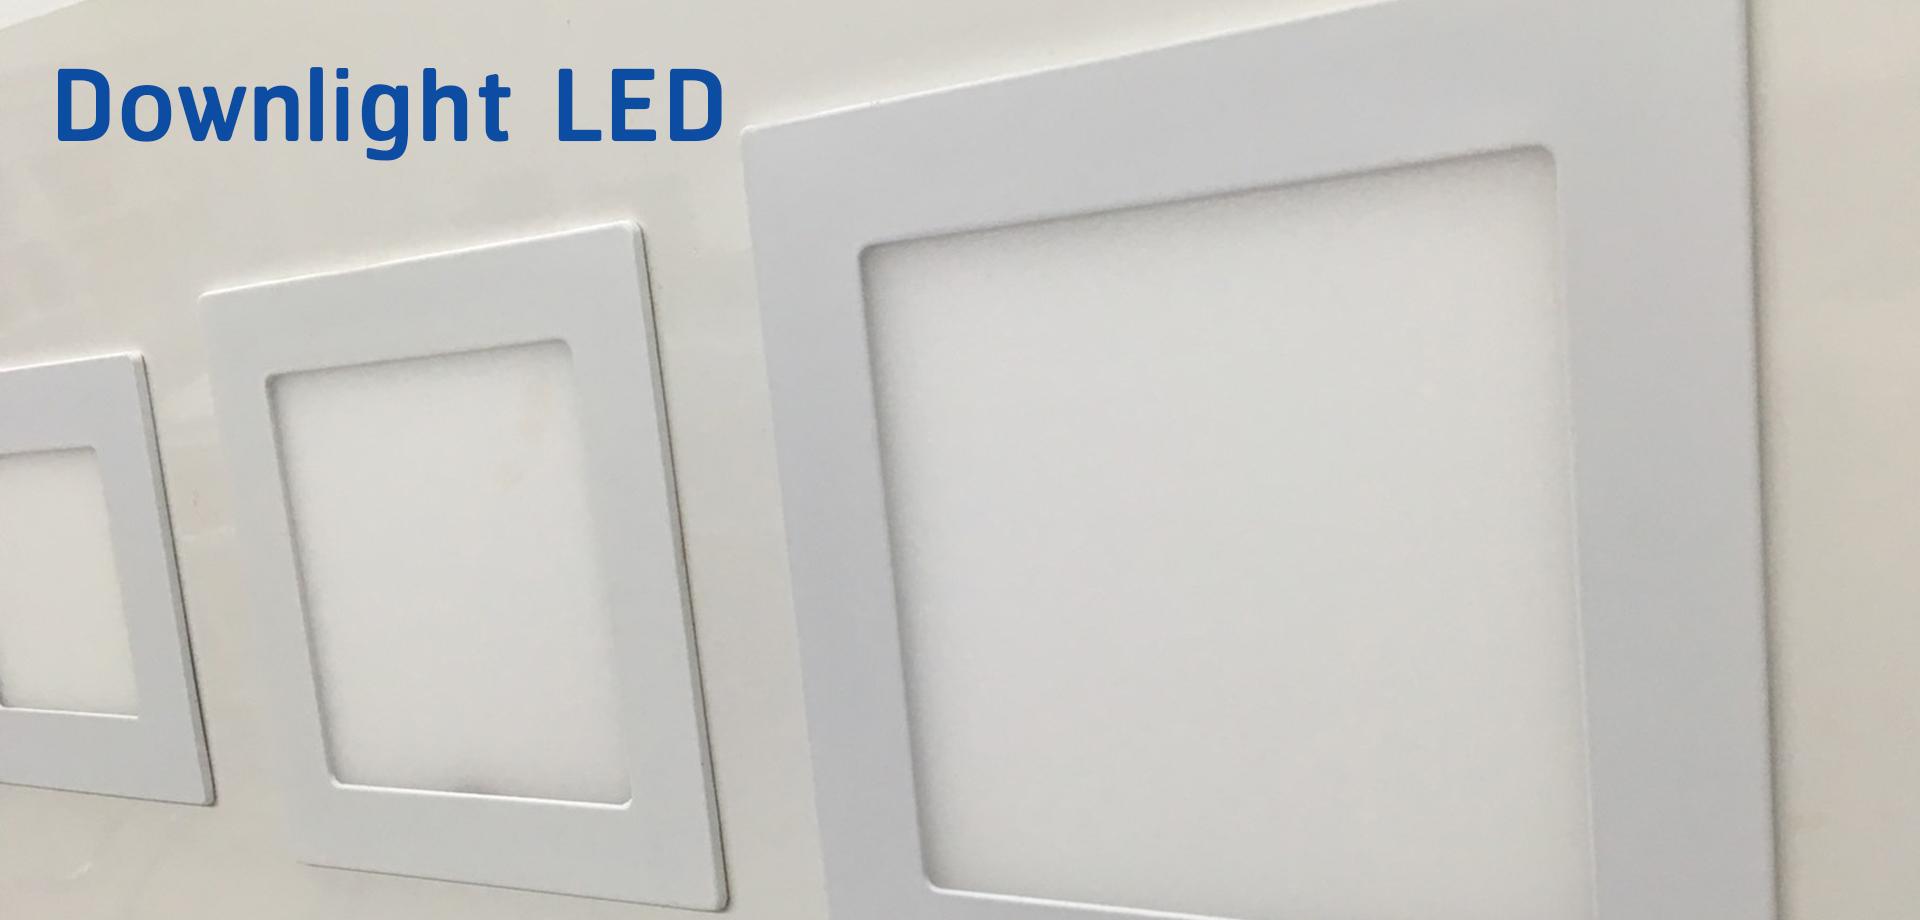 NEO X Downlight LED Slide 01